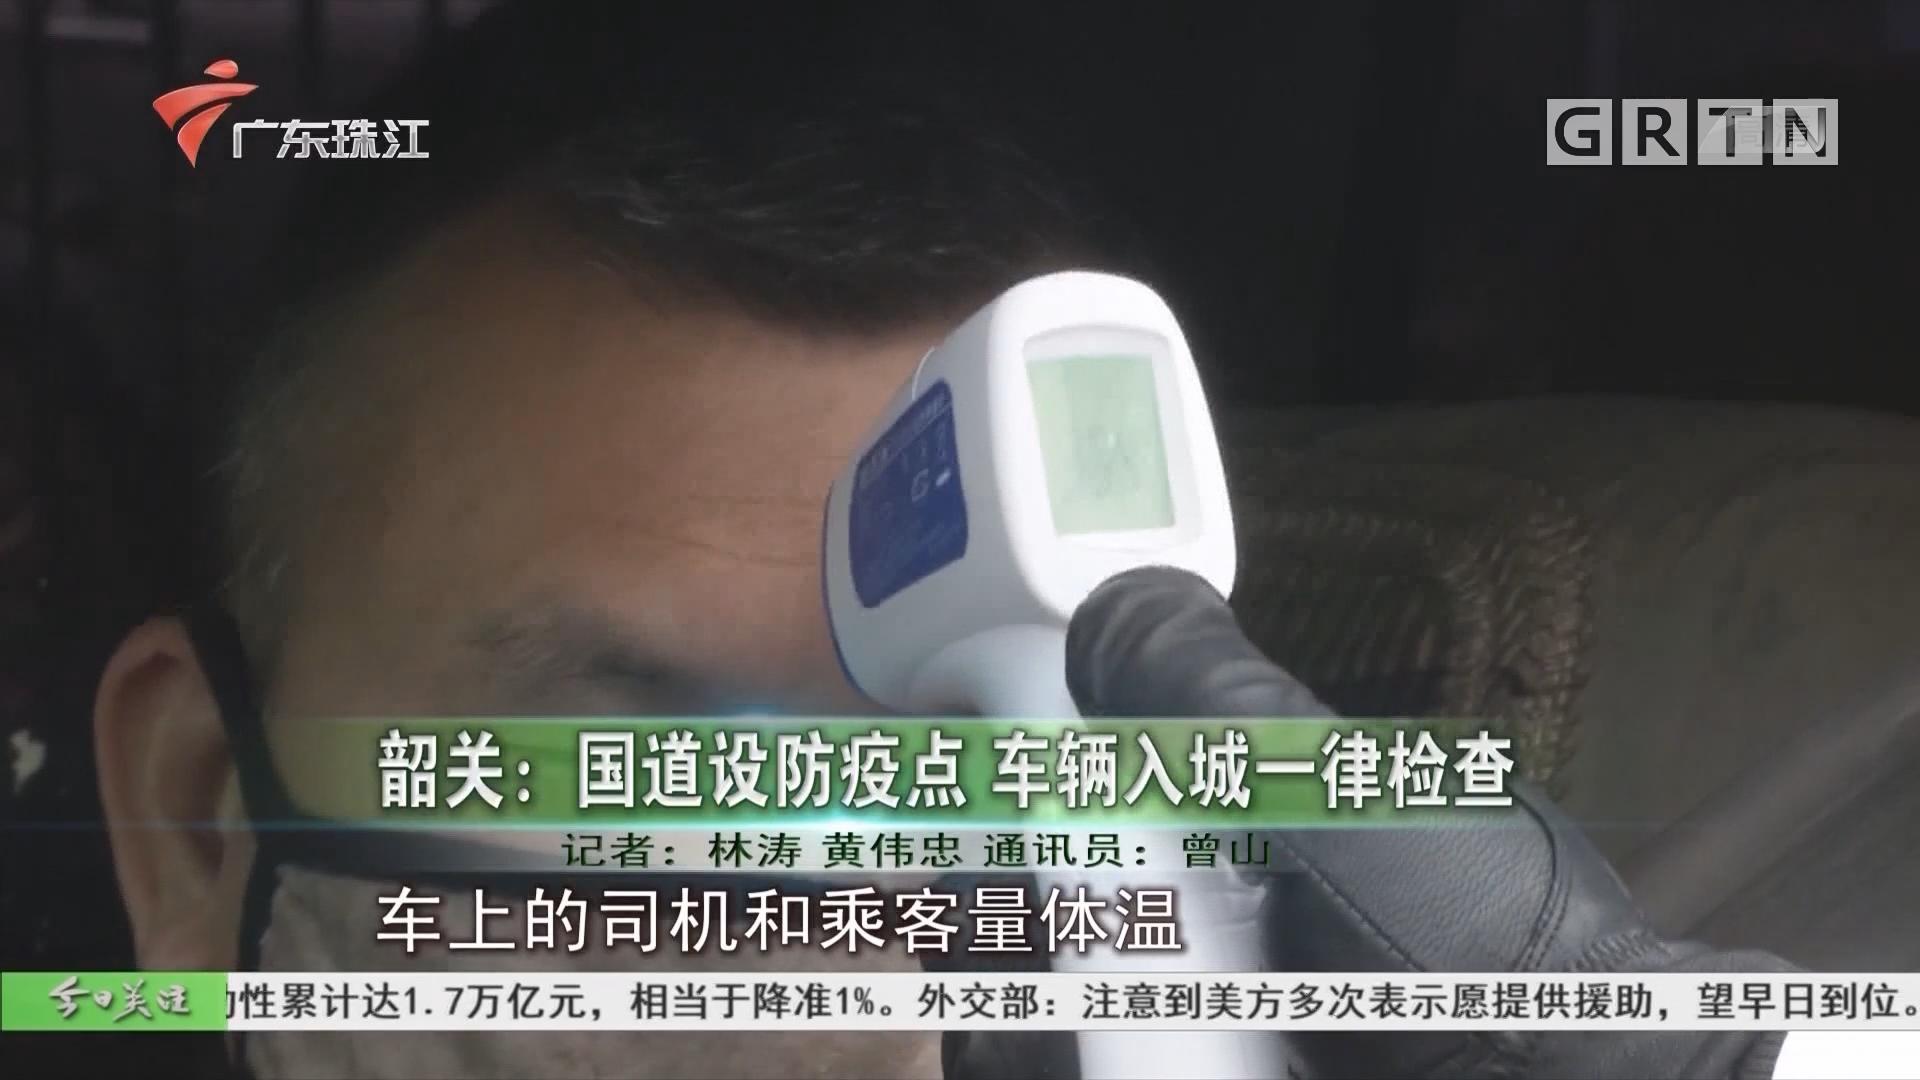 韶关:国道设防疫点 车辆入城一律检查